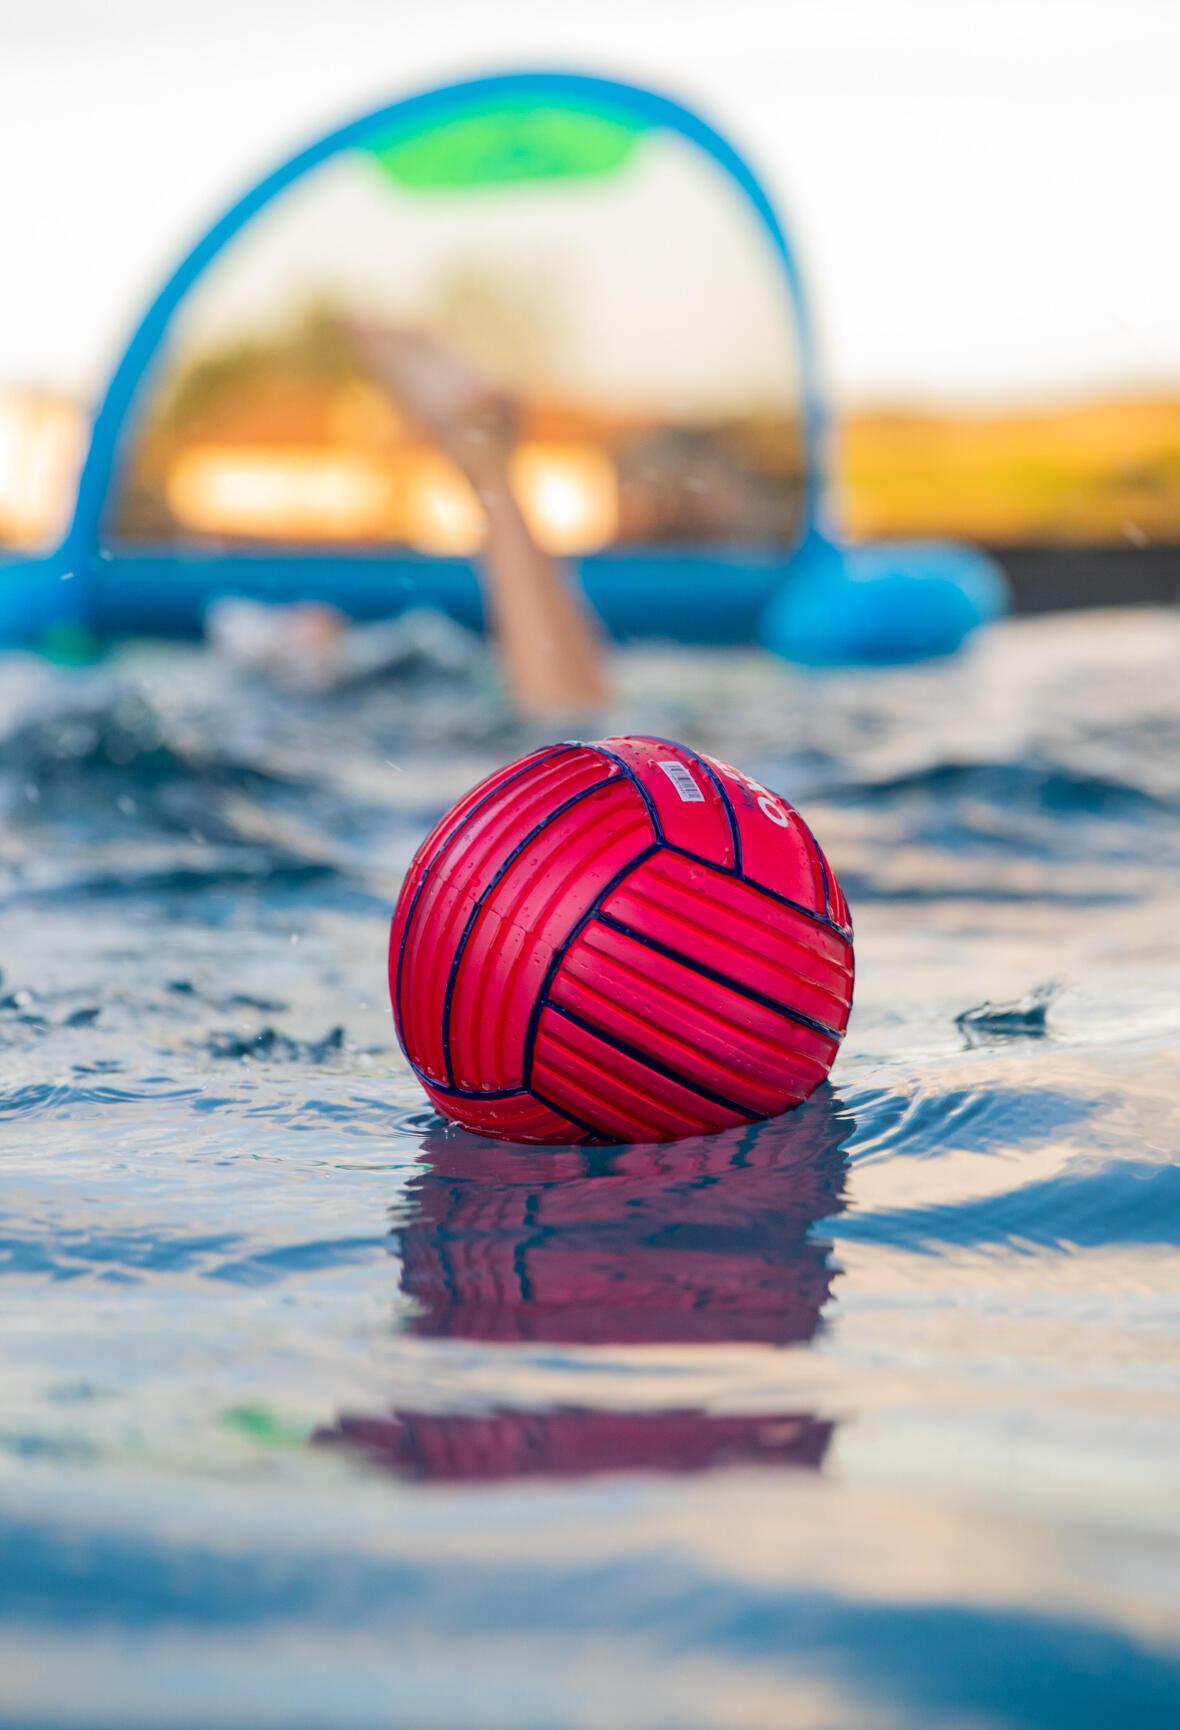 Des jeux avec matériel pour la piscine